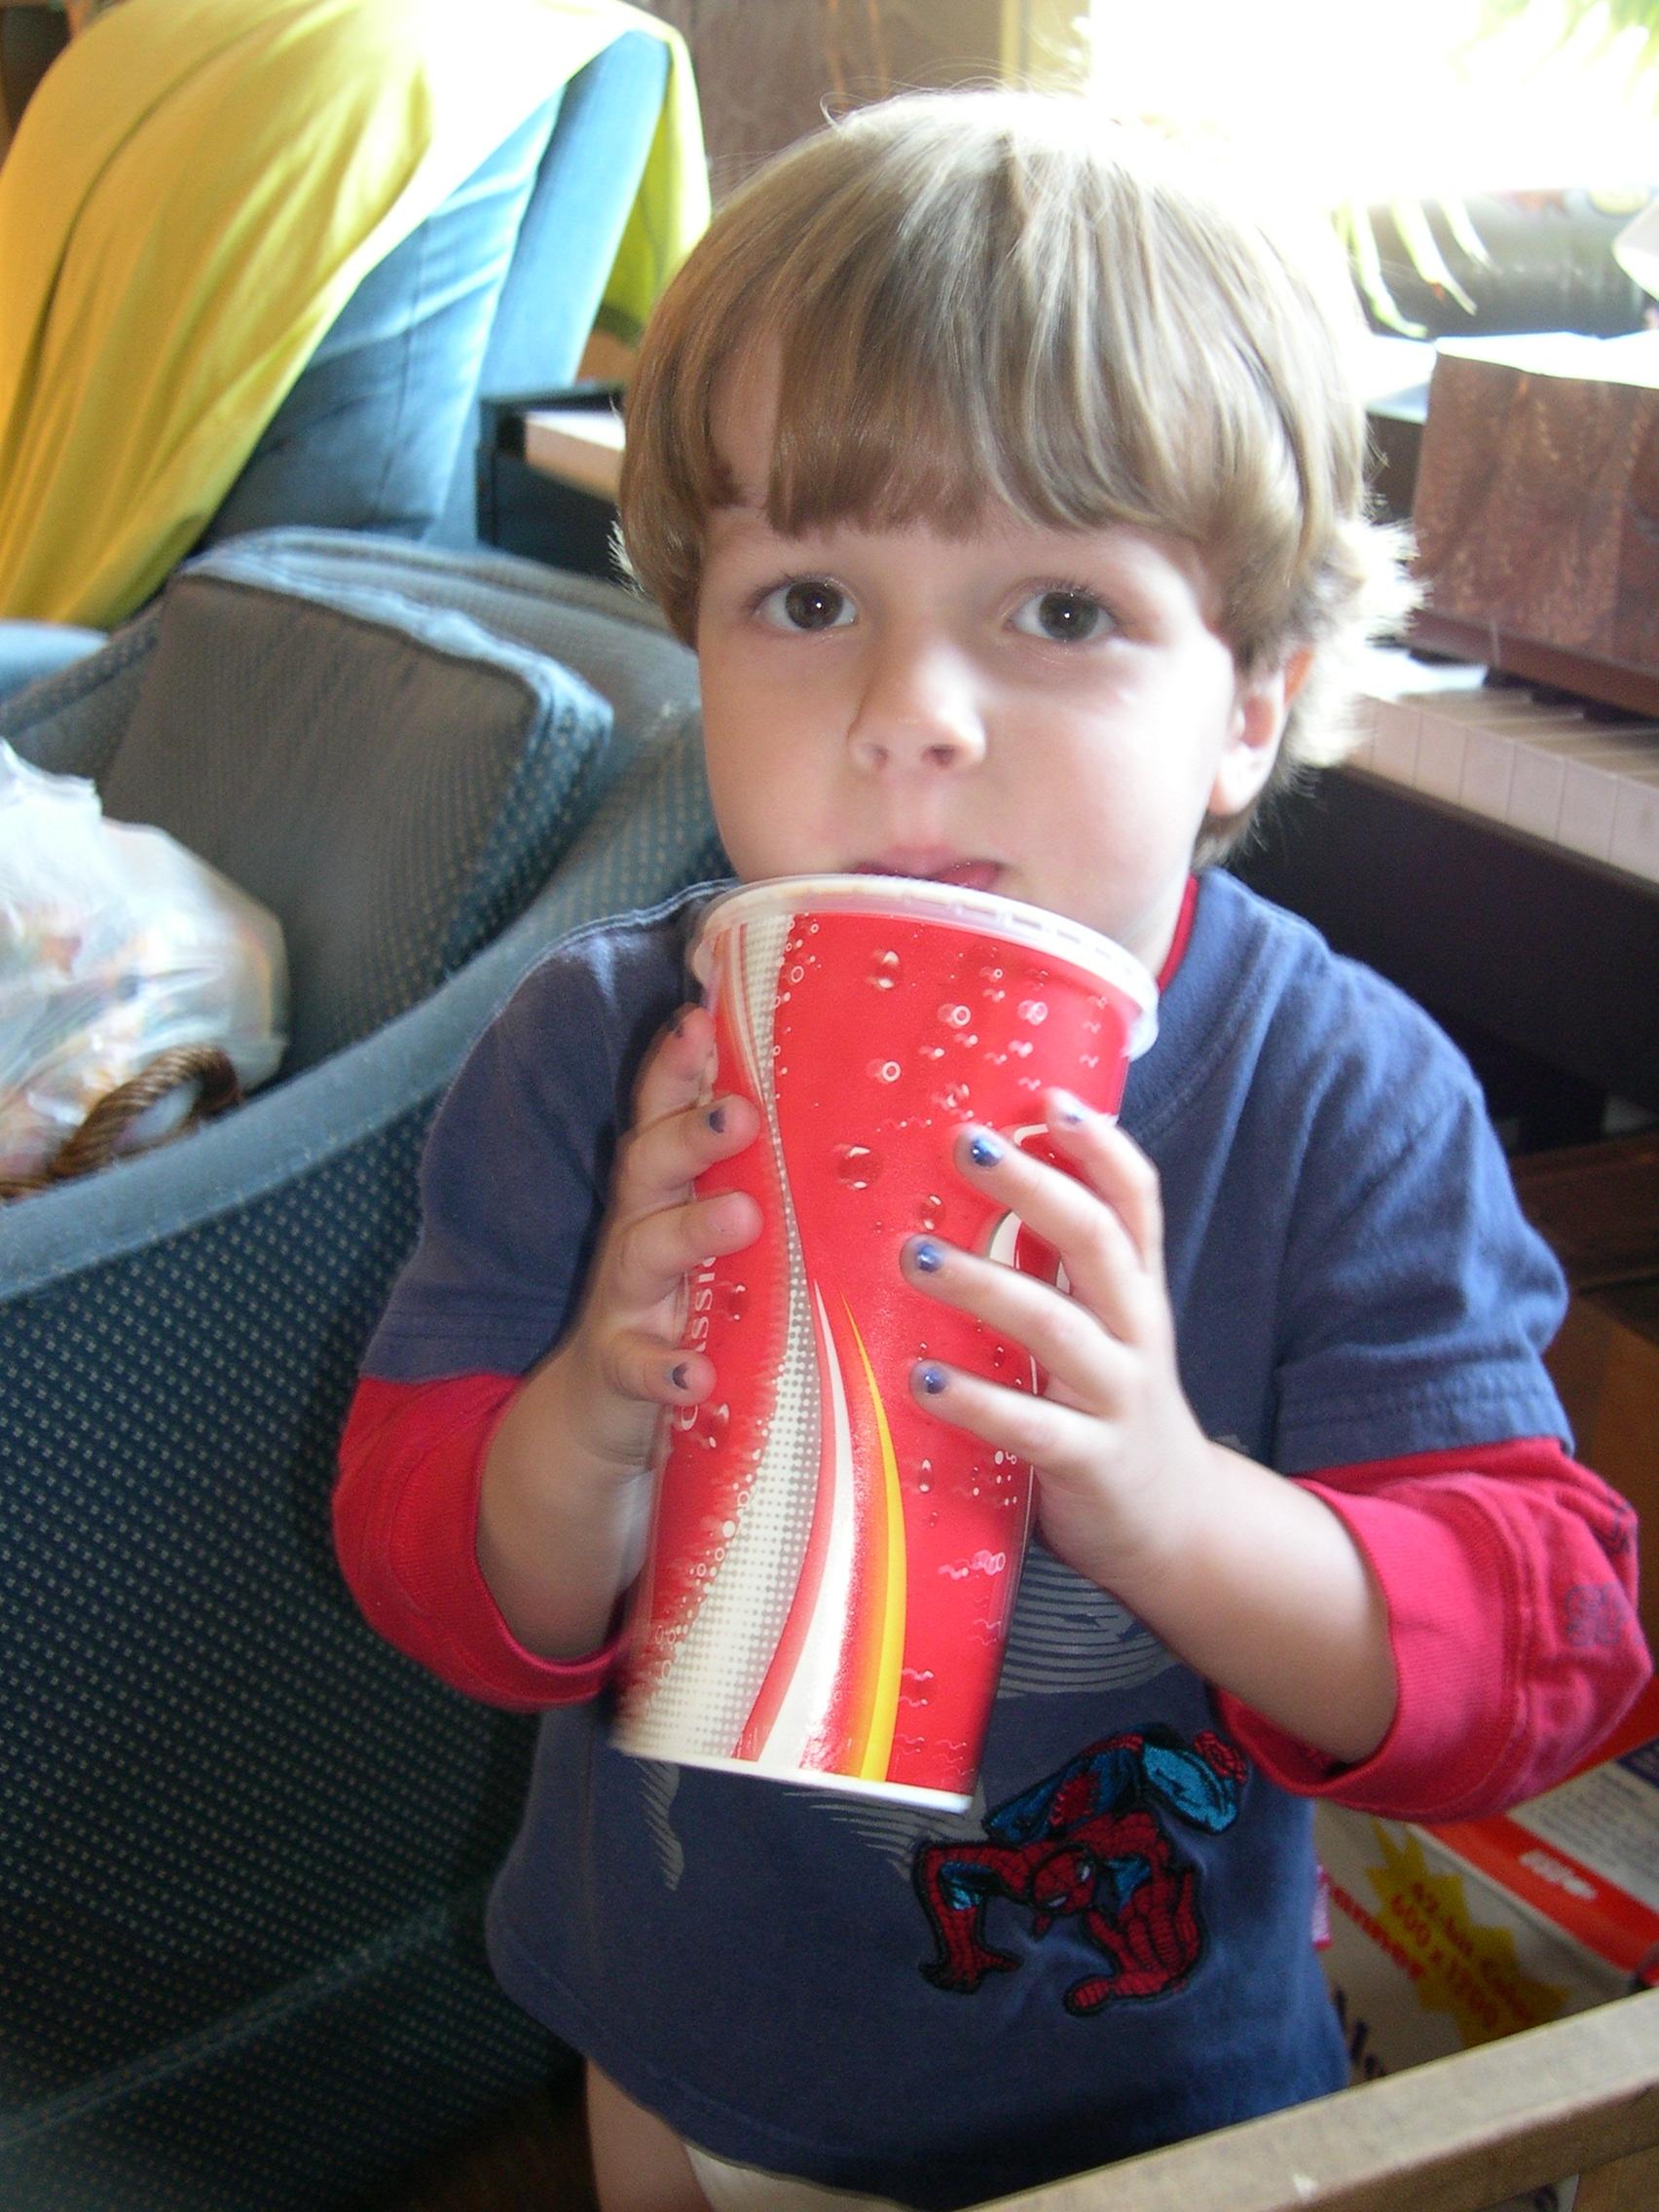 No More Soda for the Kiddos at DQ